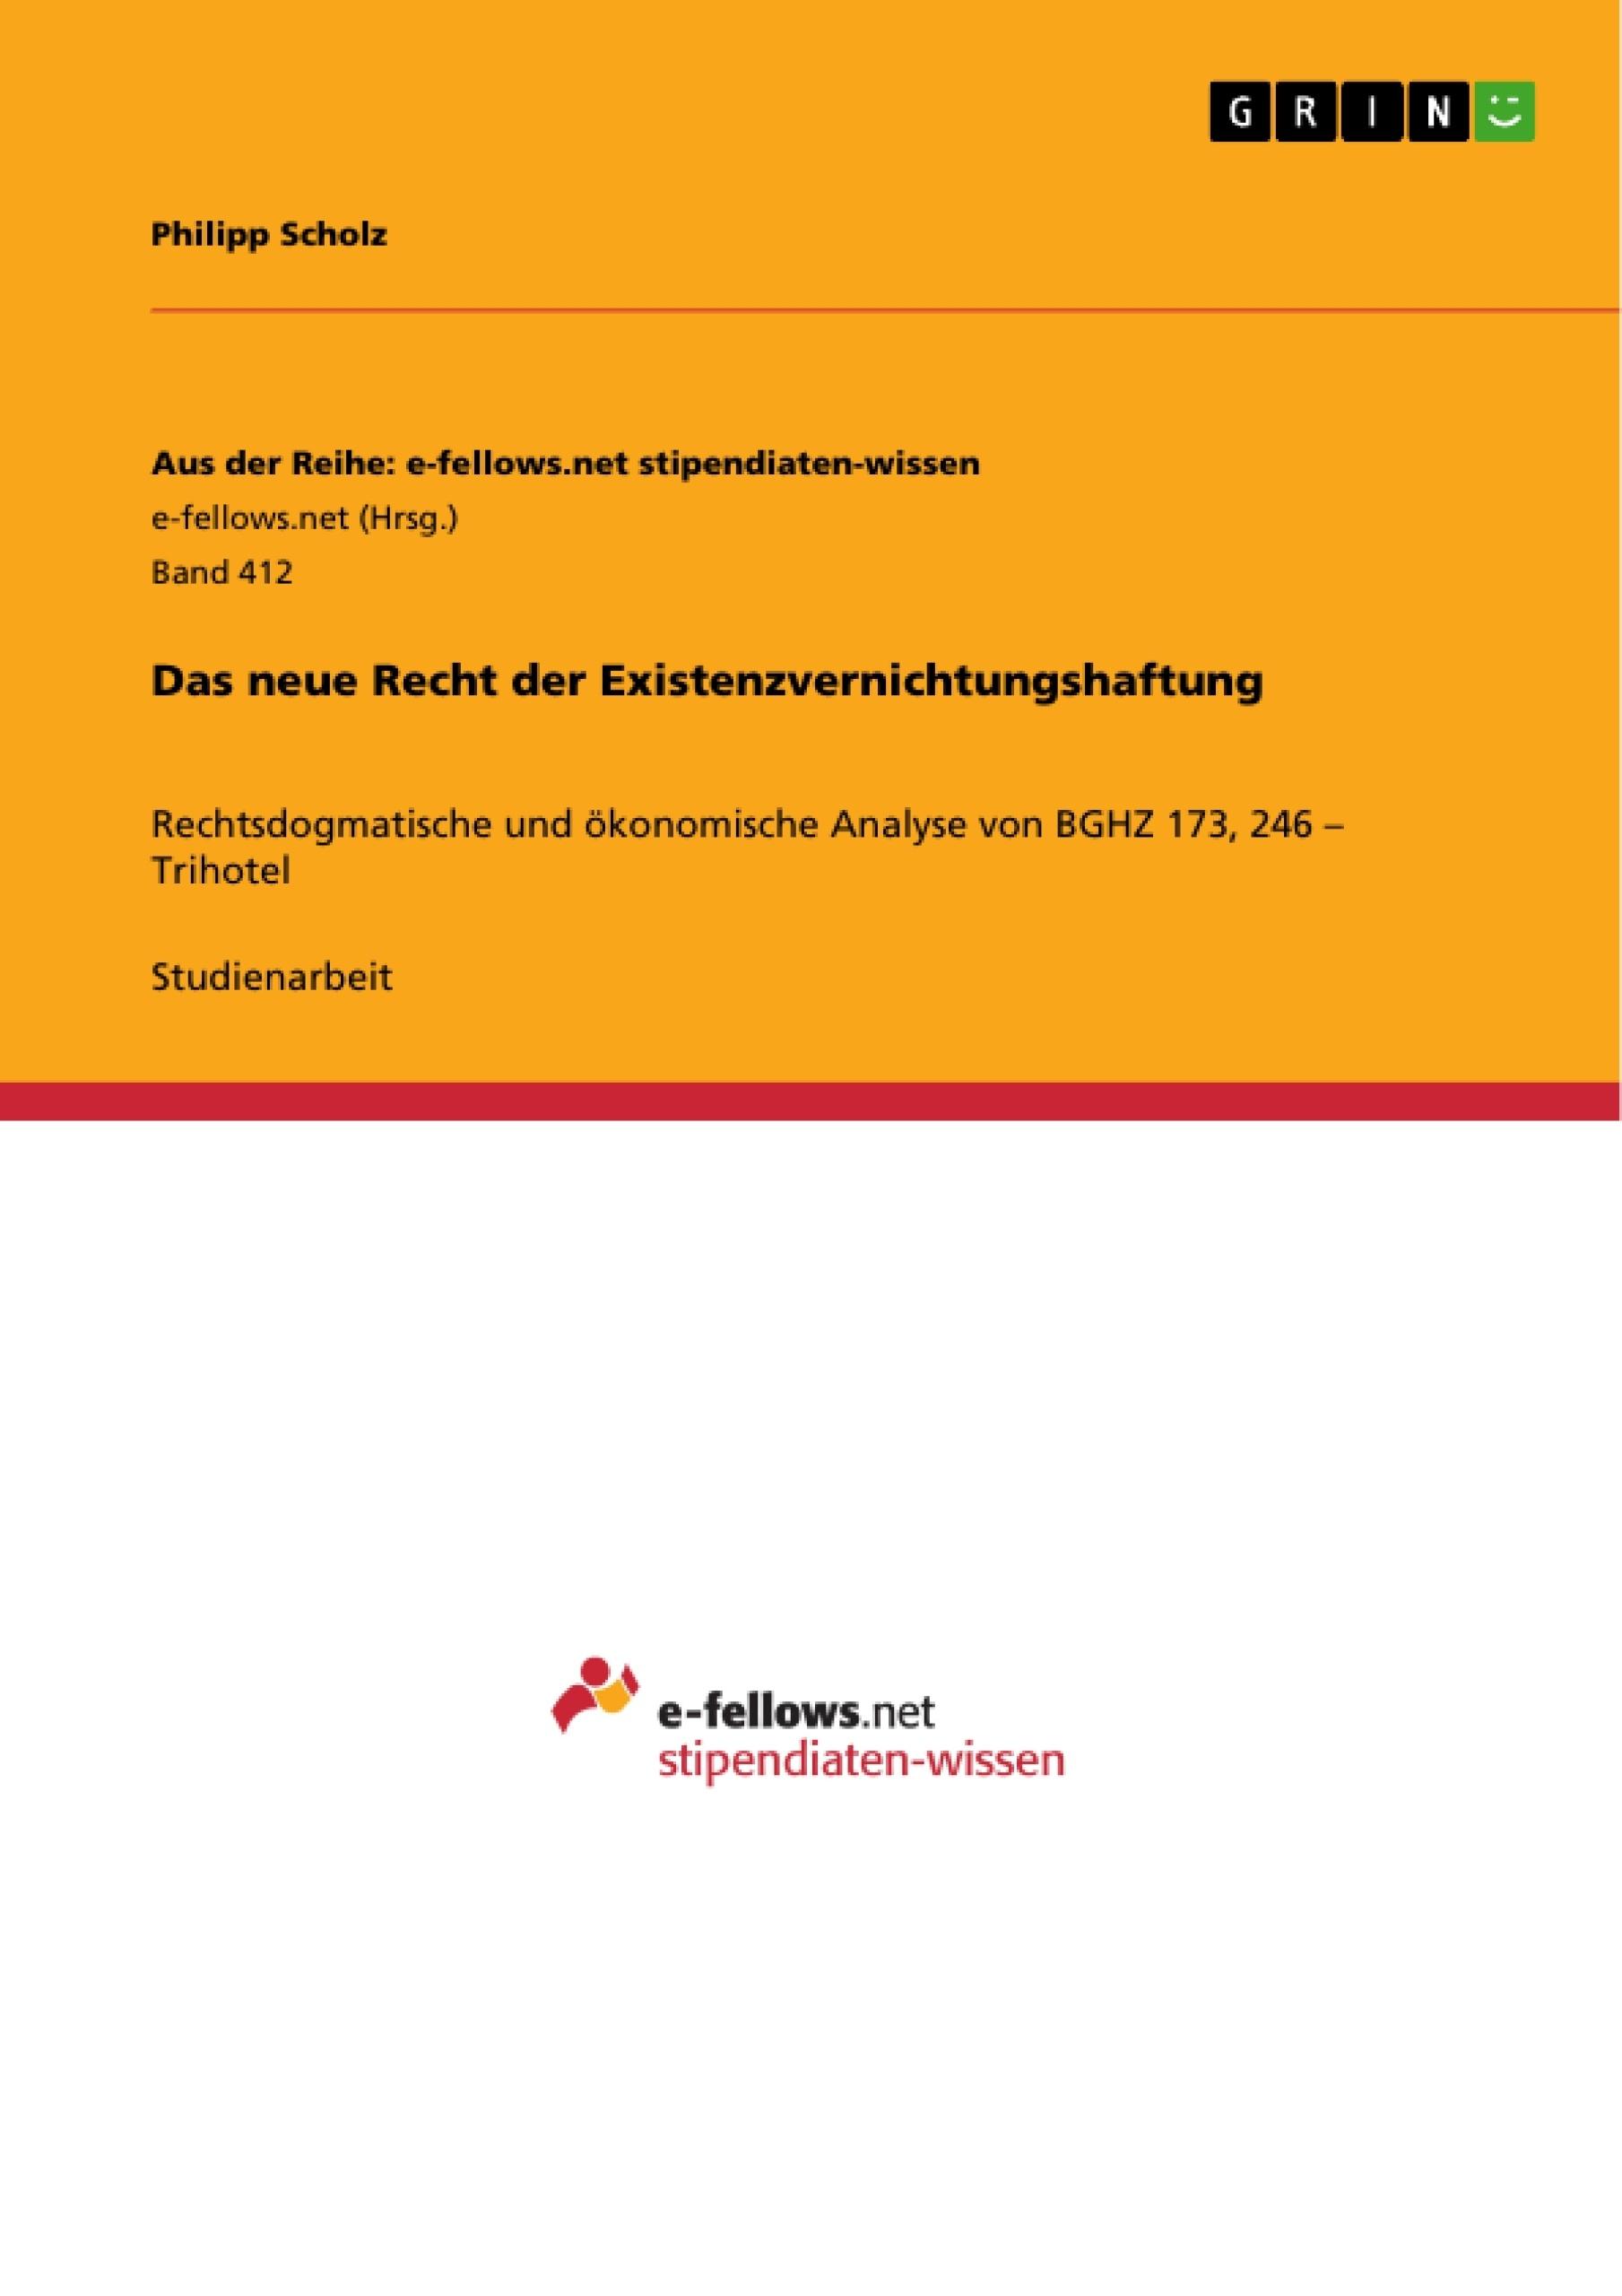 Titel: Das neue Recht der Existenzvernichtungshaftung